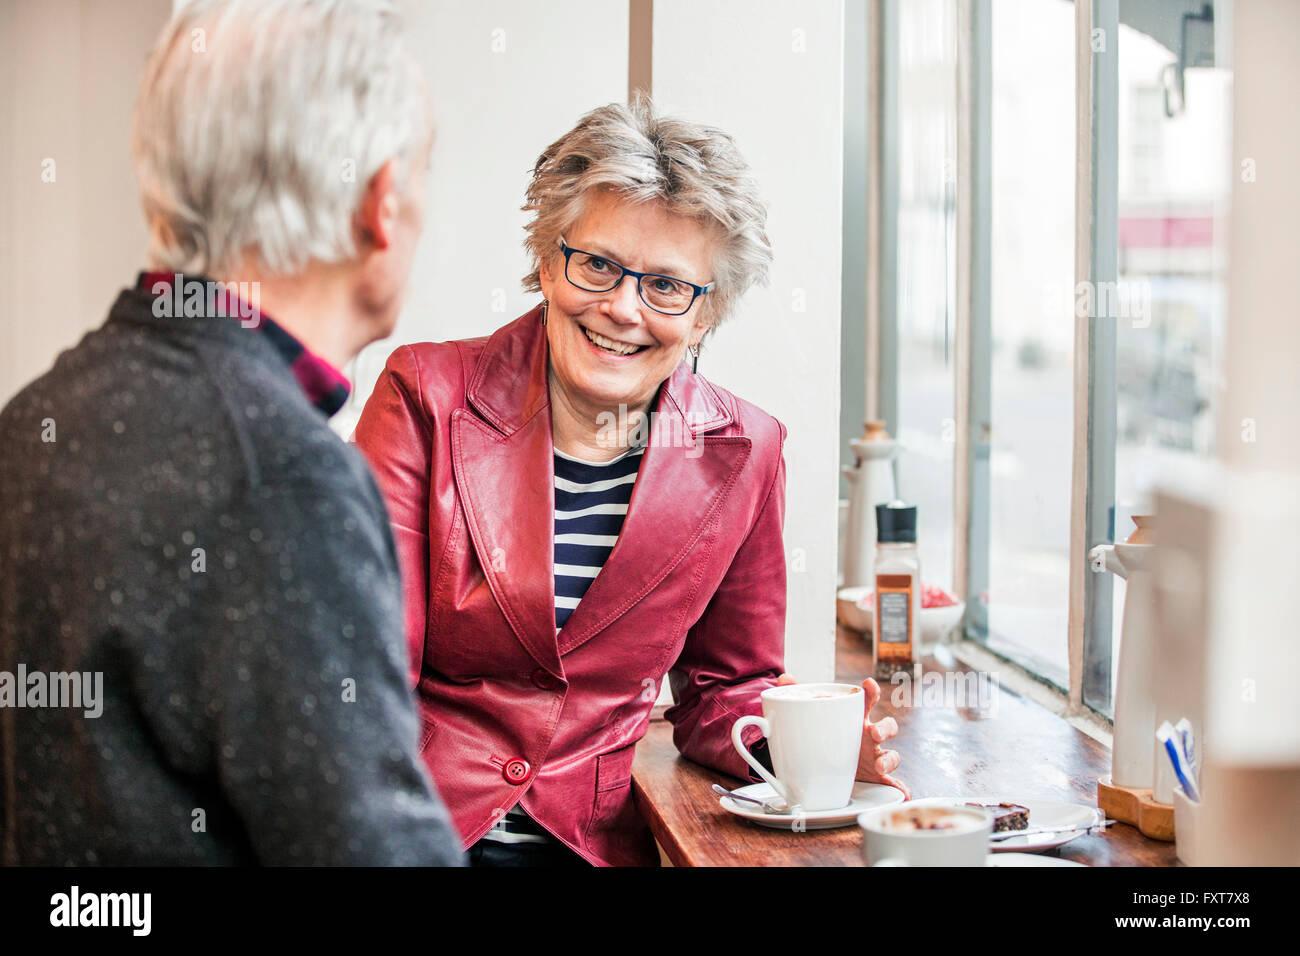 Las parejas ancianas conversando en el café asiento de ventana Imagen De Stock